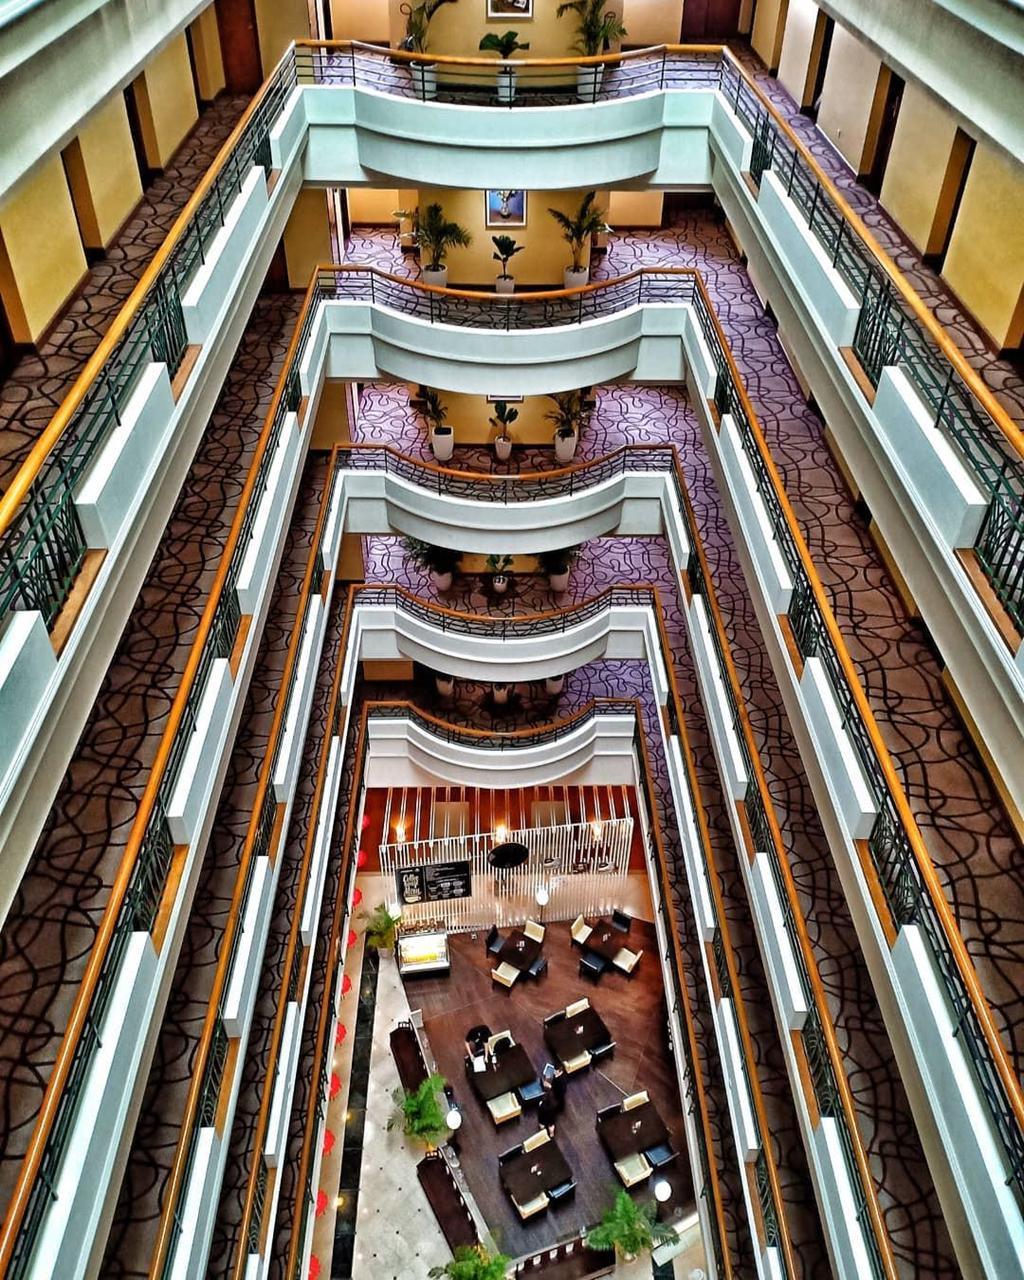 10 khách sạn, resort đẳng cấp 4 sao tốt nhất Việt Nam 2019 Ảnh 13